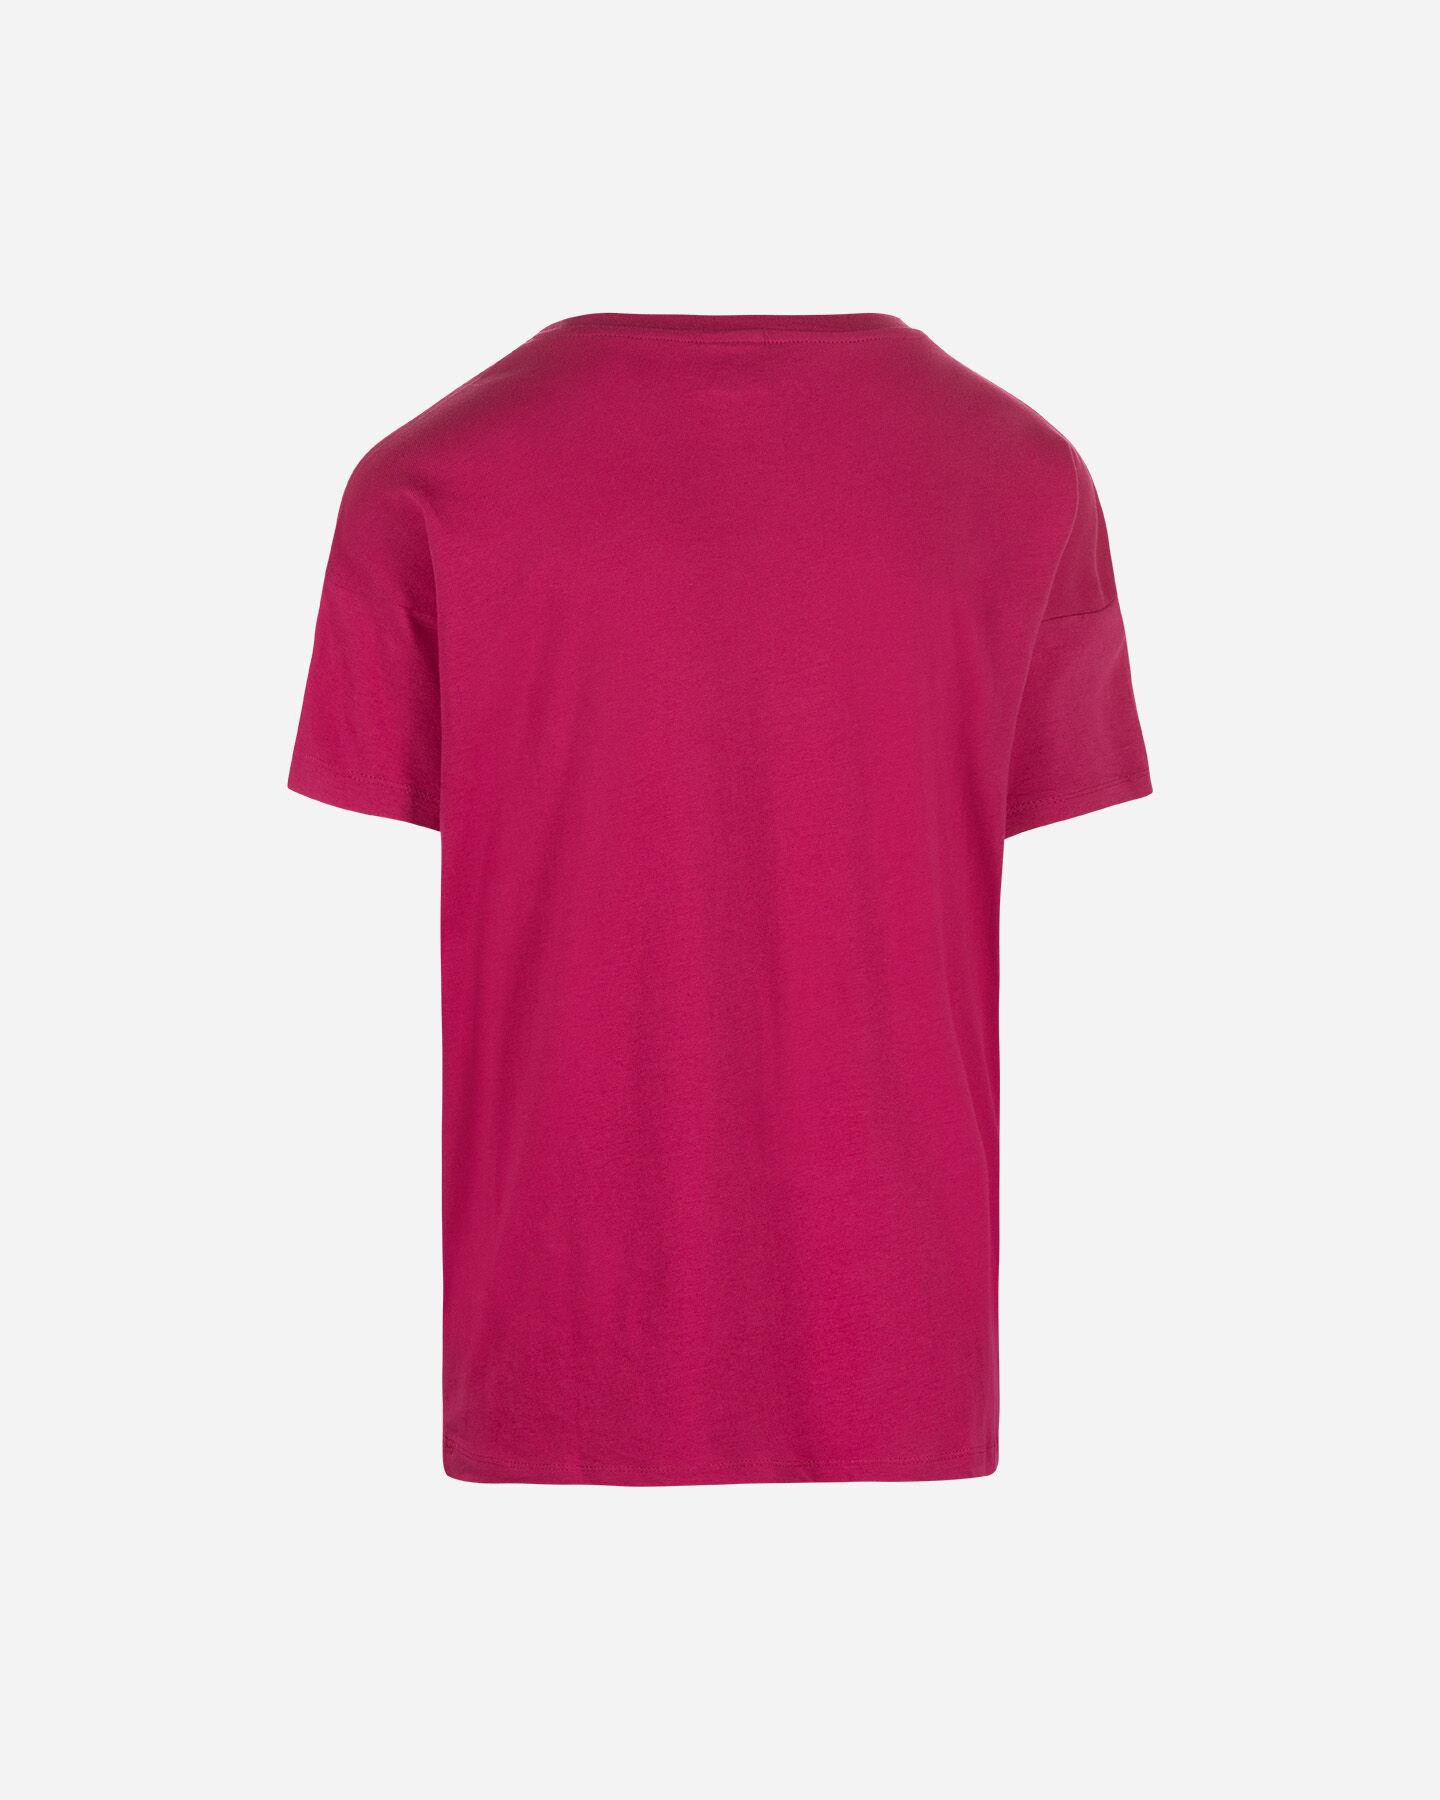 T-Shirt FREDDY BIG LOGO W S5118039 scatto 1